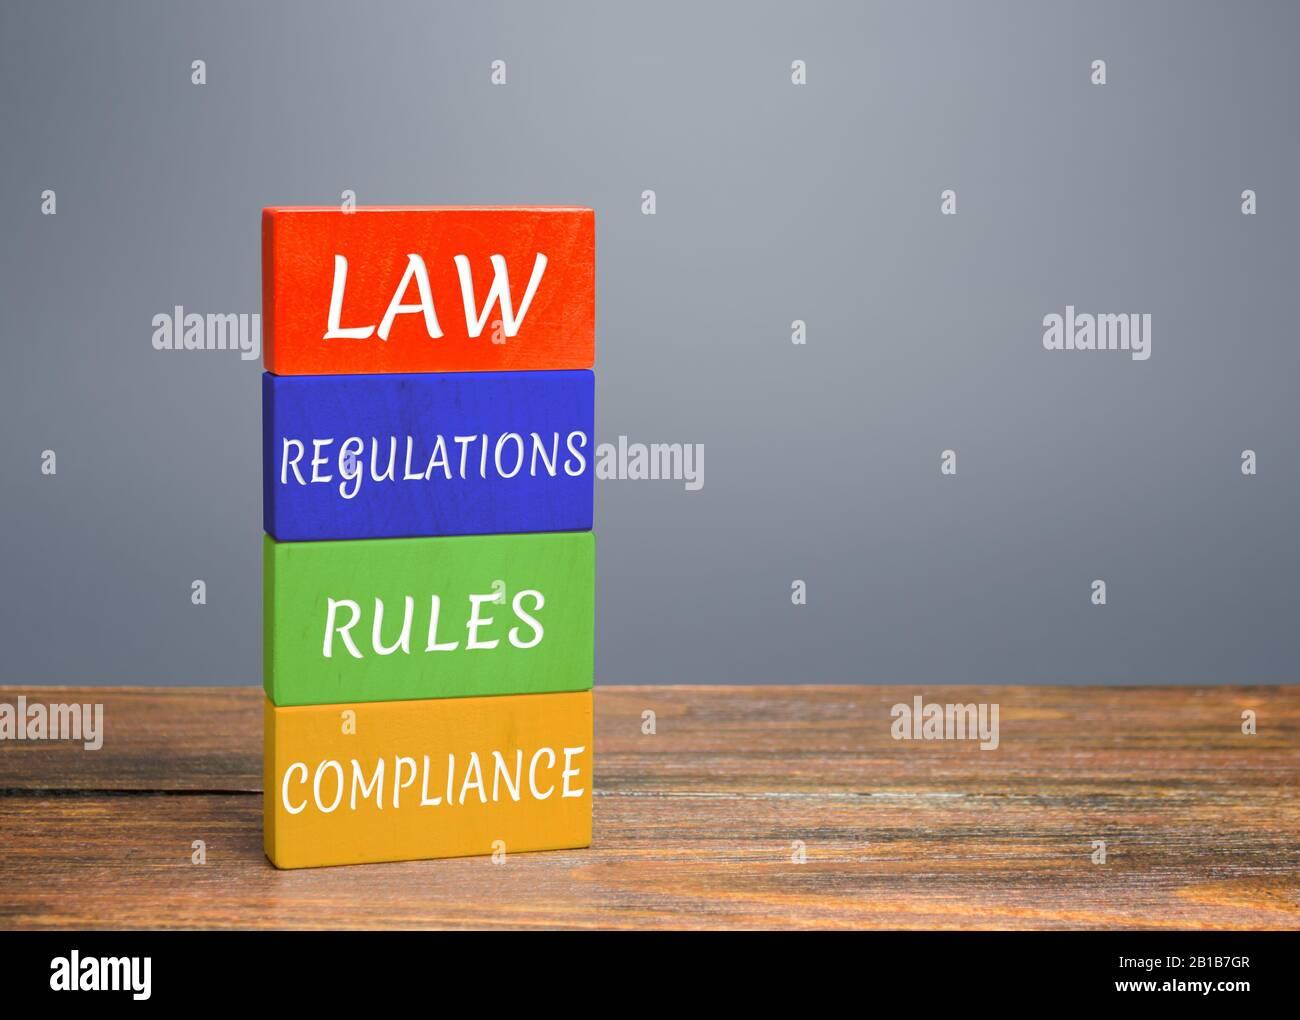 Bloques de colores con palabras ley, regulaciones, reglas, cumplimiento. Facilidad para hacer negocios. Criterios de calidad para bienes y servicios. Protección nacional doméstica Foto de stock